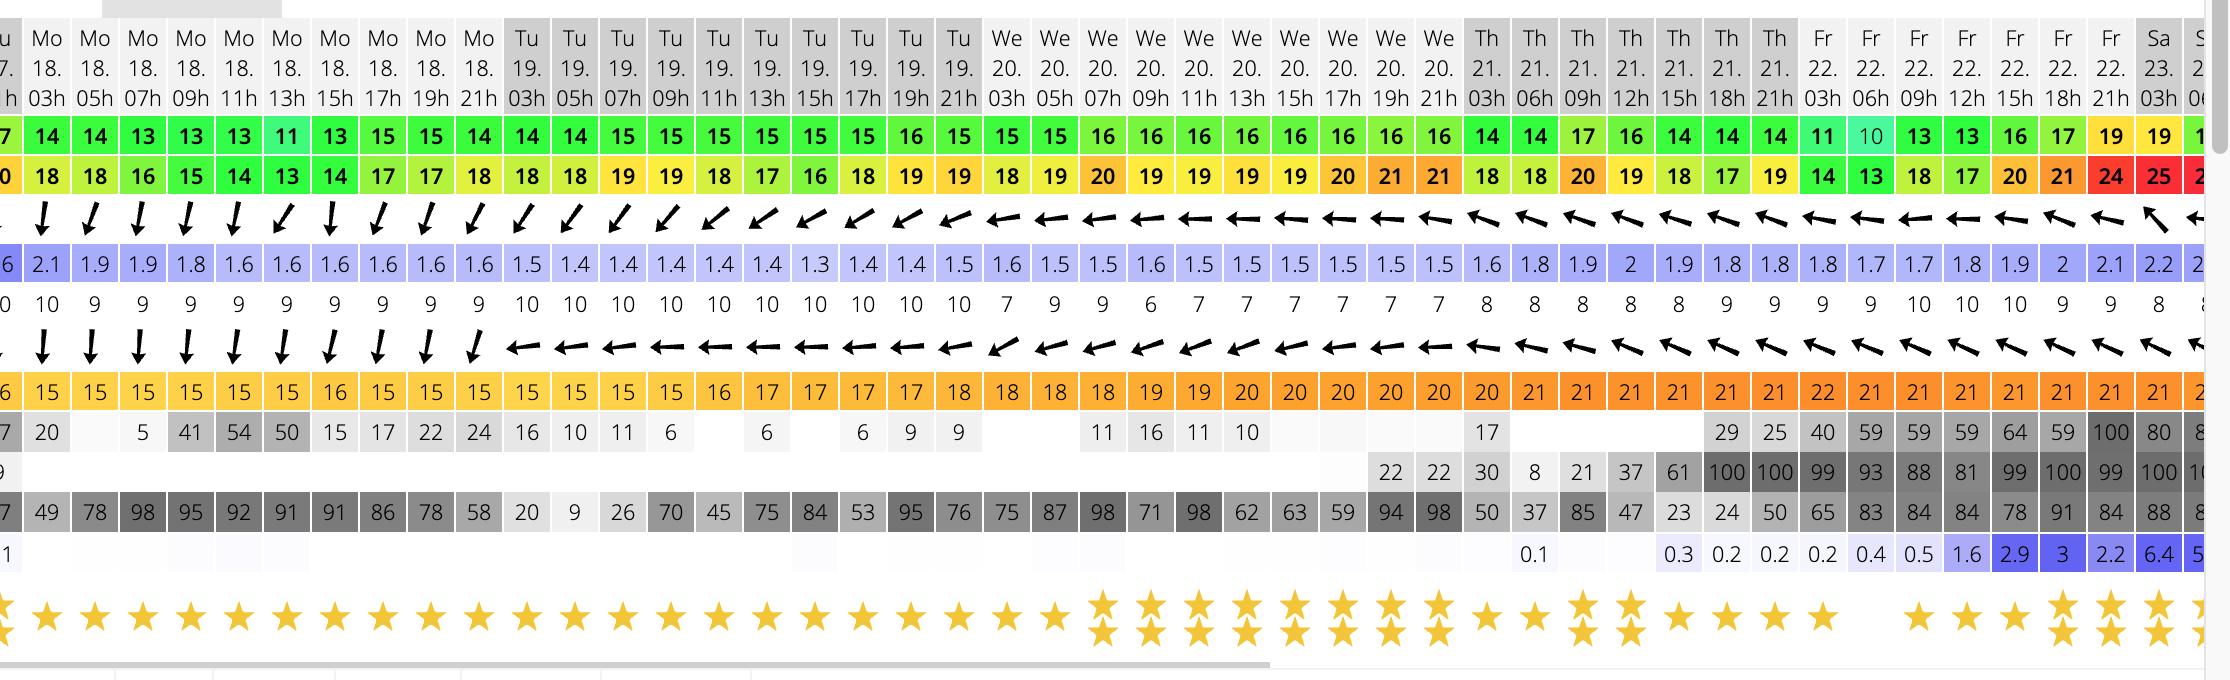 月曜日、北風少しだけ吹きます。_c0098020_05343354.png